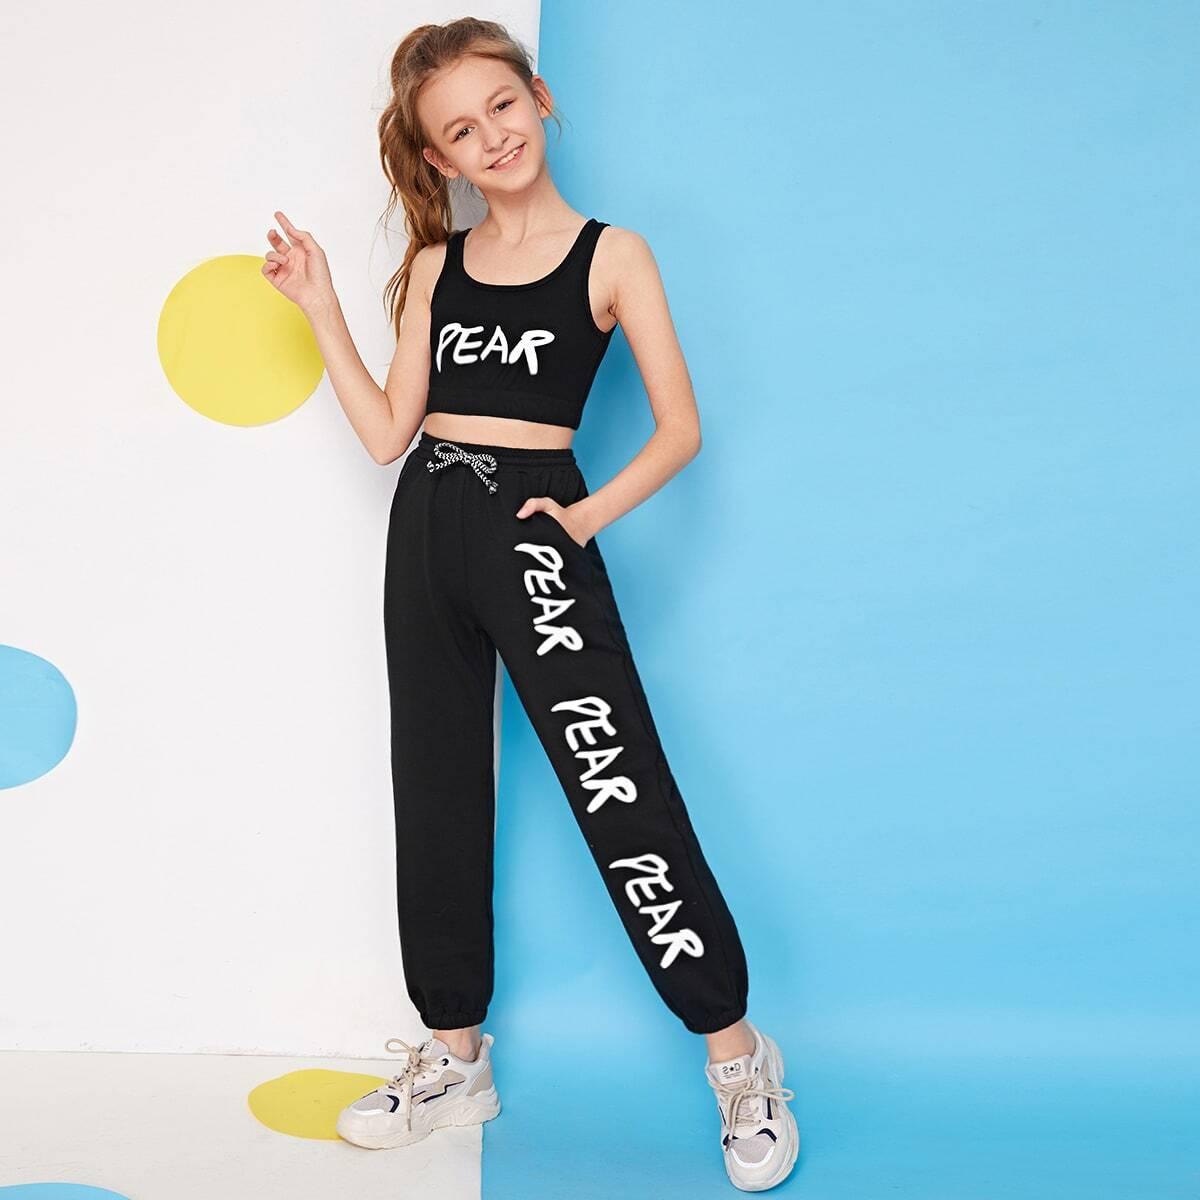 Топ с текстовым принтом и спортивные брюки для девочек от SHEIN